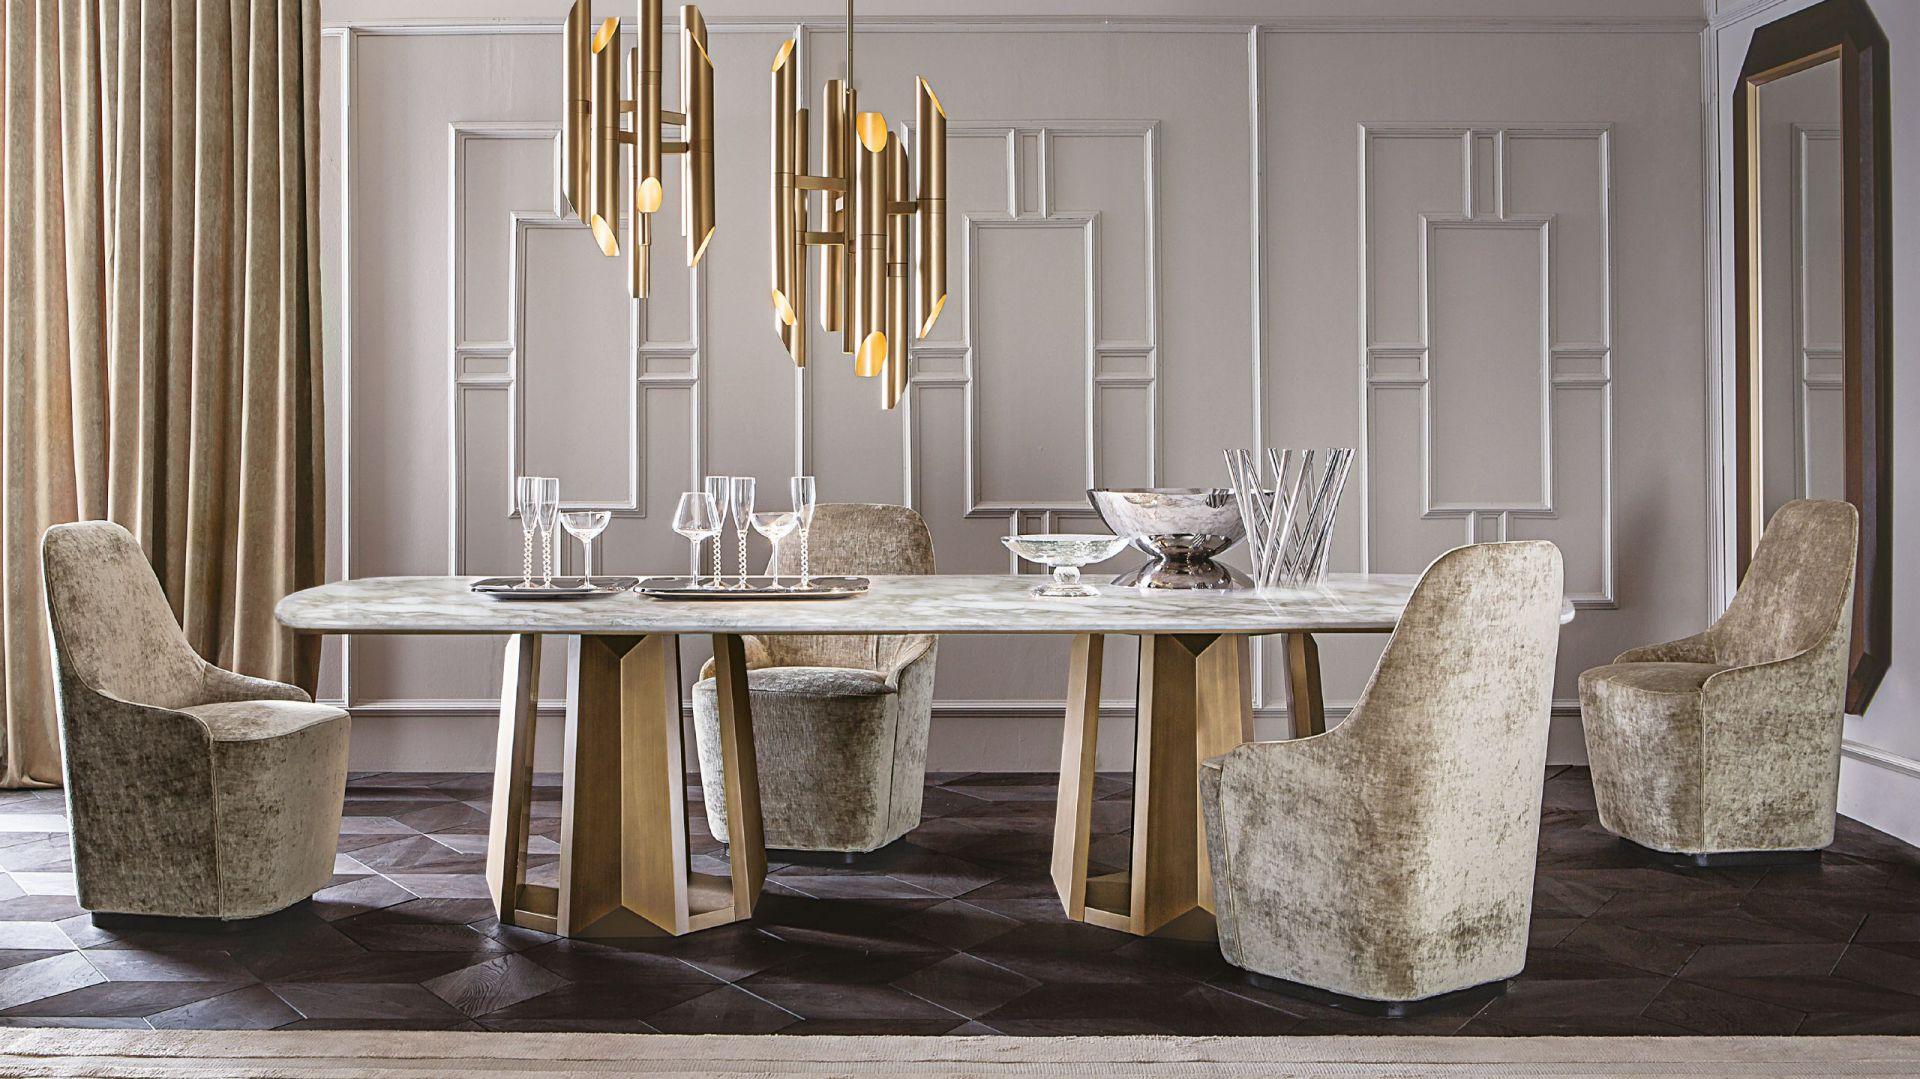 Lampa SHARD dostępna w wersji stalowej lub mosiężnej nad stołem KANDINSKY to zestaw do luksusowej jadalni. Projekt Massimiliano Raggi. 14.728,00 zł/lampa, 29.682 zł/stół. Fot. Casamilano / Mood Design